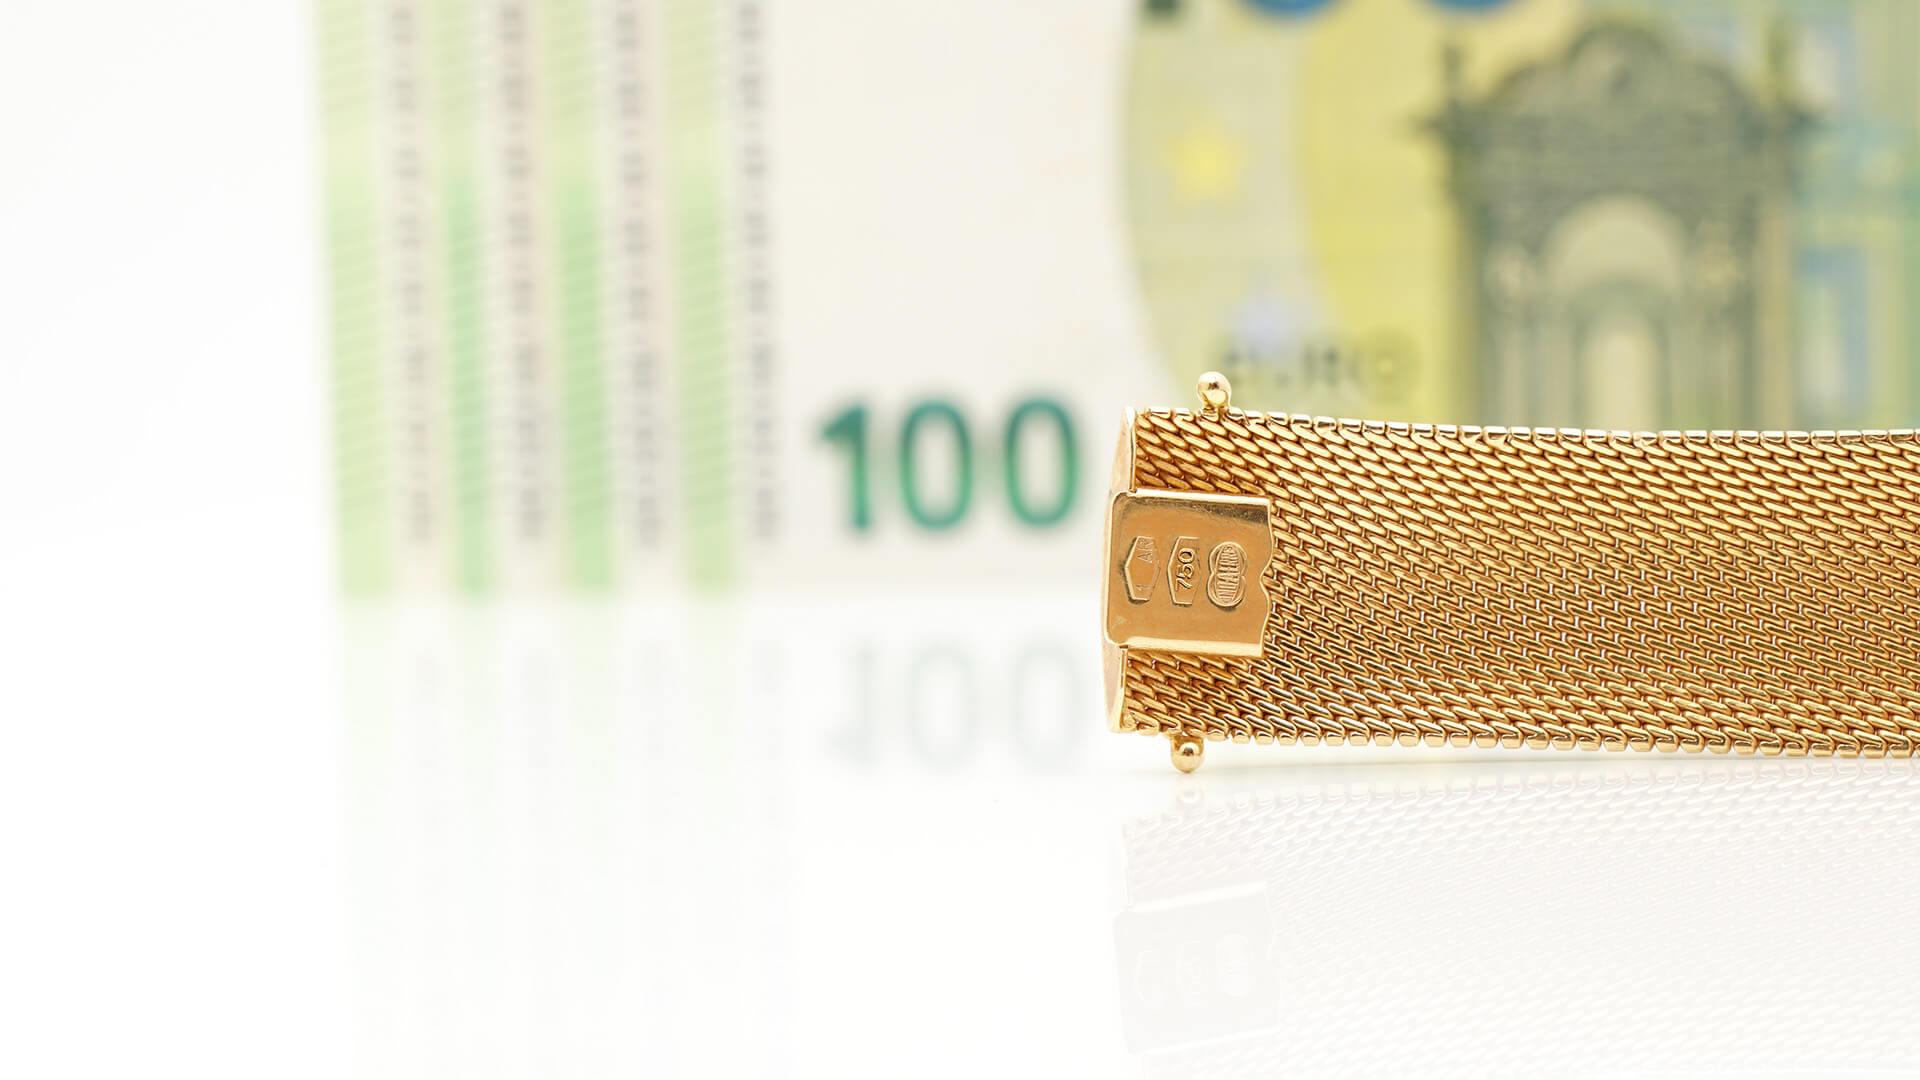 750 Gold Preis im Ankauf Verkauf - 750er Gold Wert pro Gramm